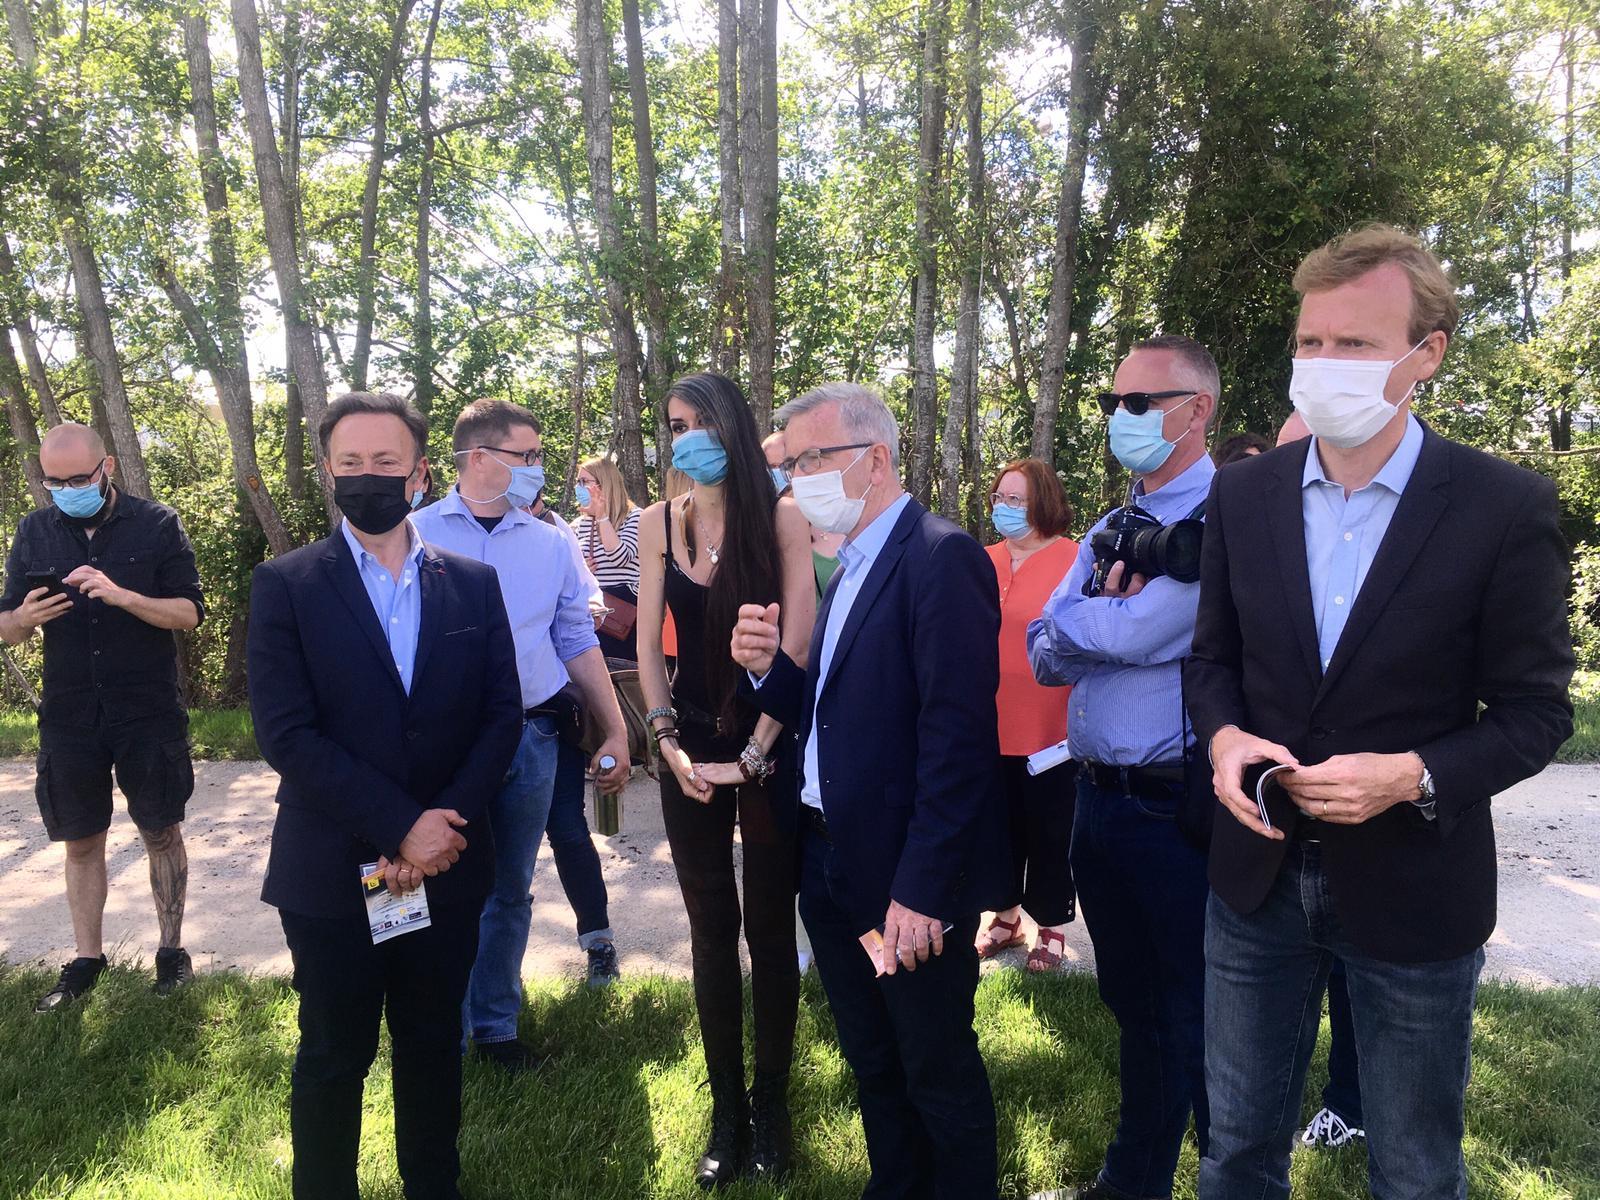 A Nogent-le-Rotrou, pour la Journée mondiale de l'Environnement, inauguration d'un Festival Photo et Biodiversité en compagnie de Stéphane Bern